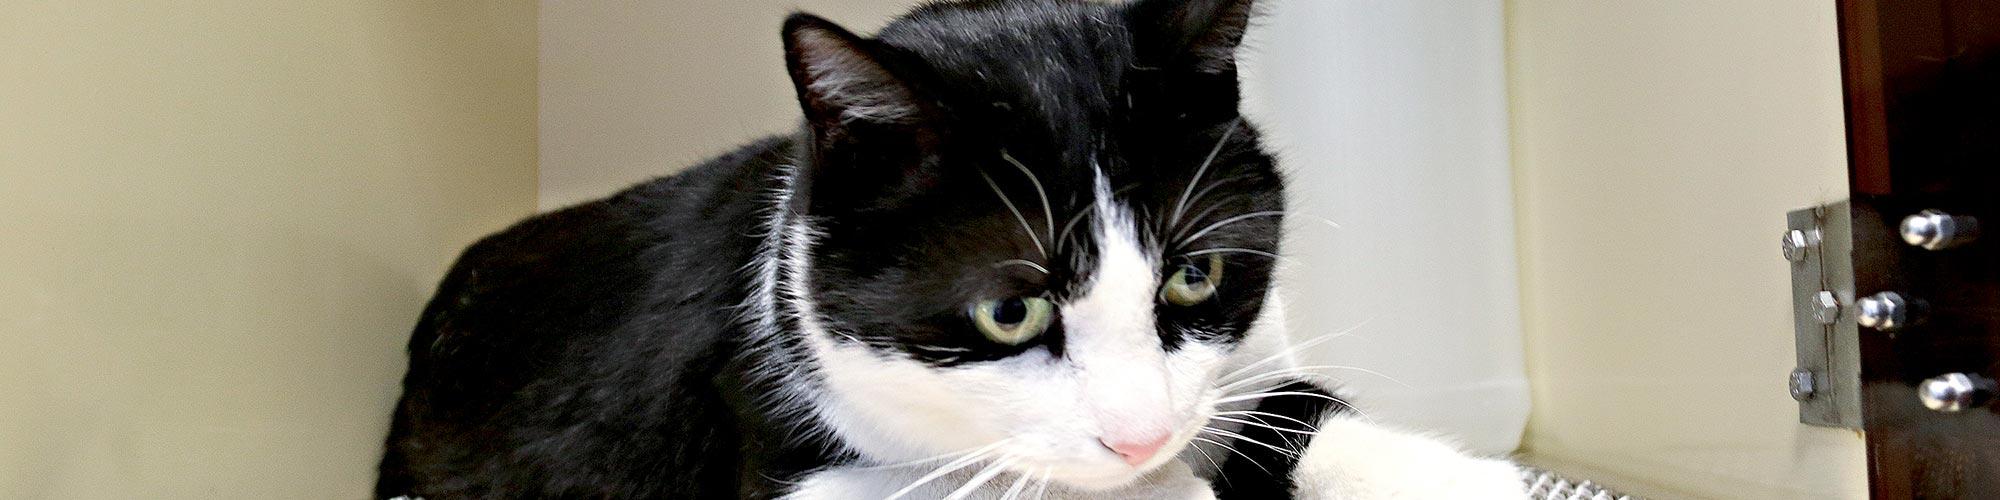 La clinique vétérinaire des Tilleroyes soigne les chats